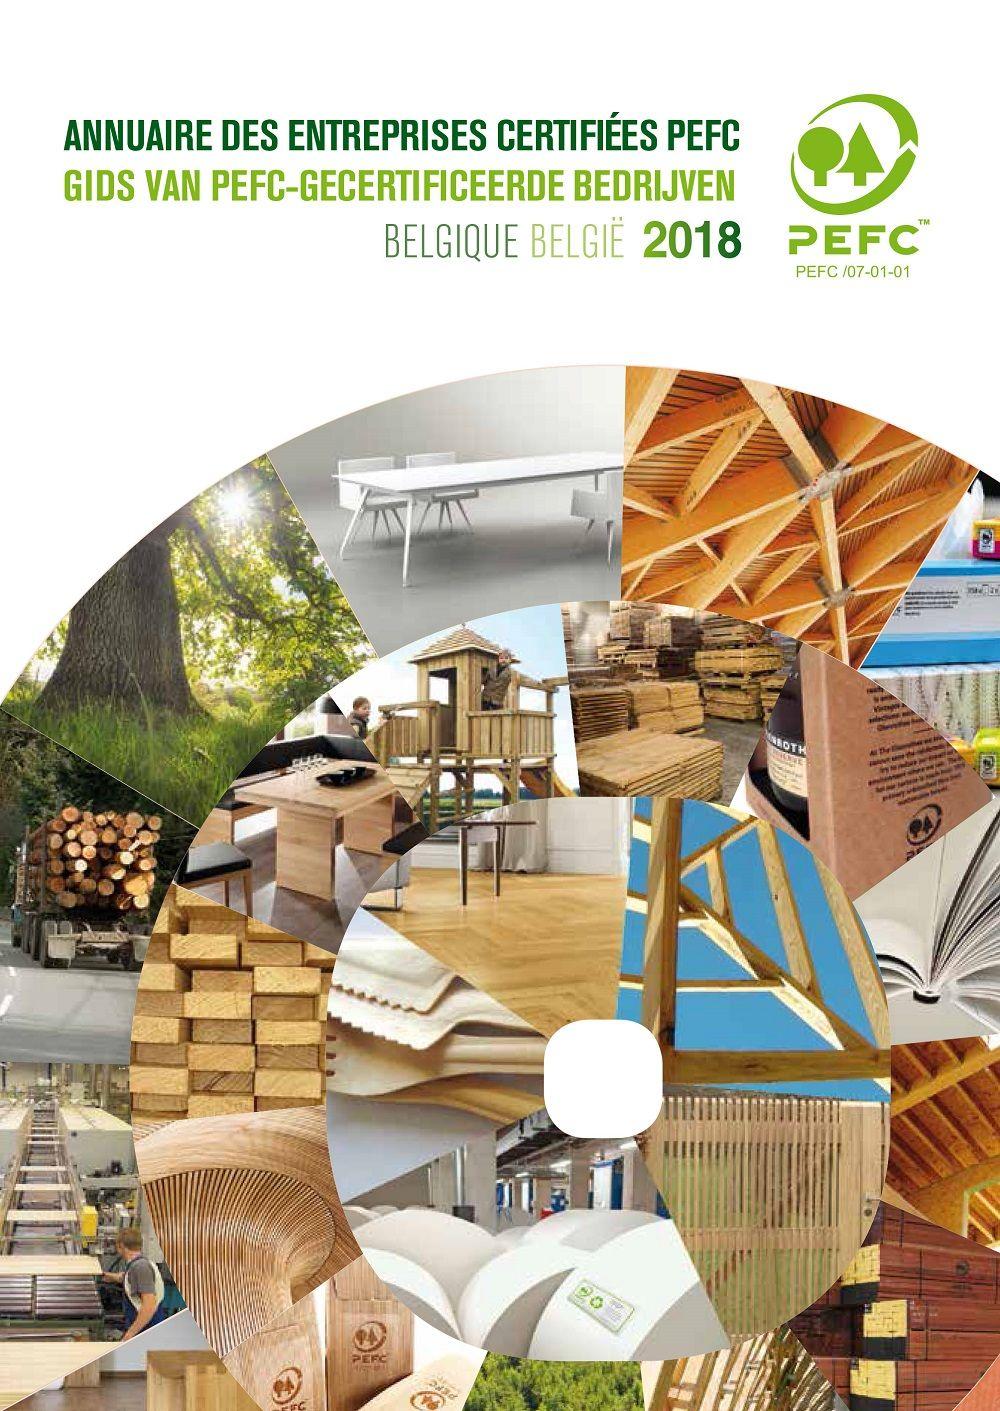 Acheter durable devient plus facile avec l'annuaire PEFC